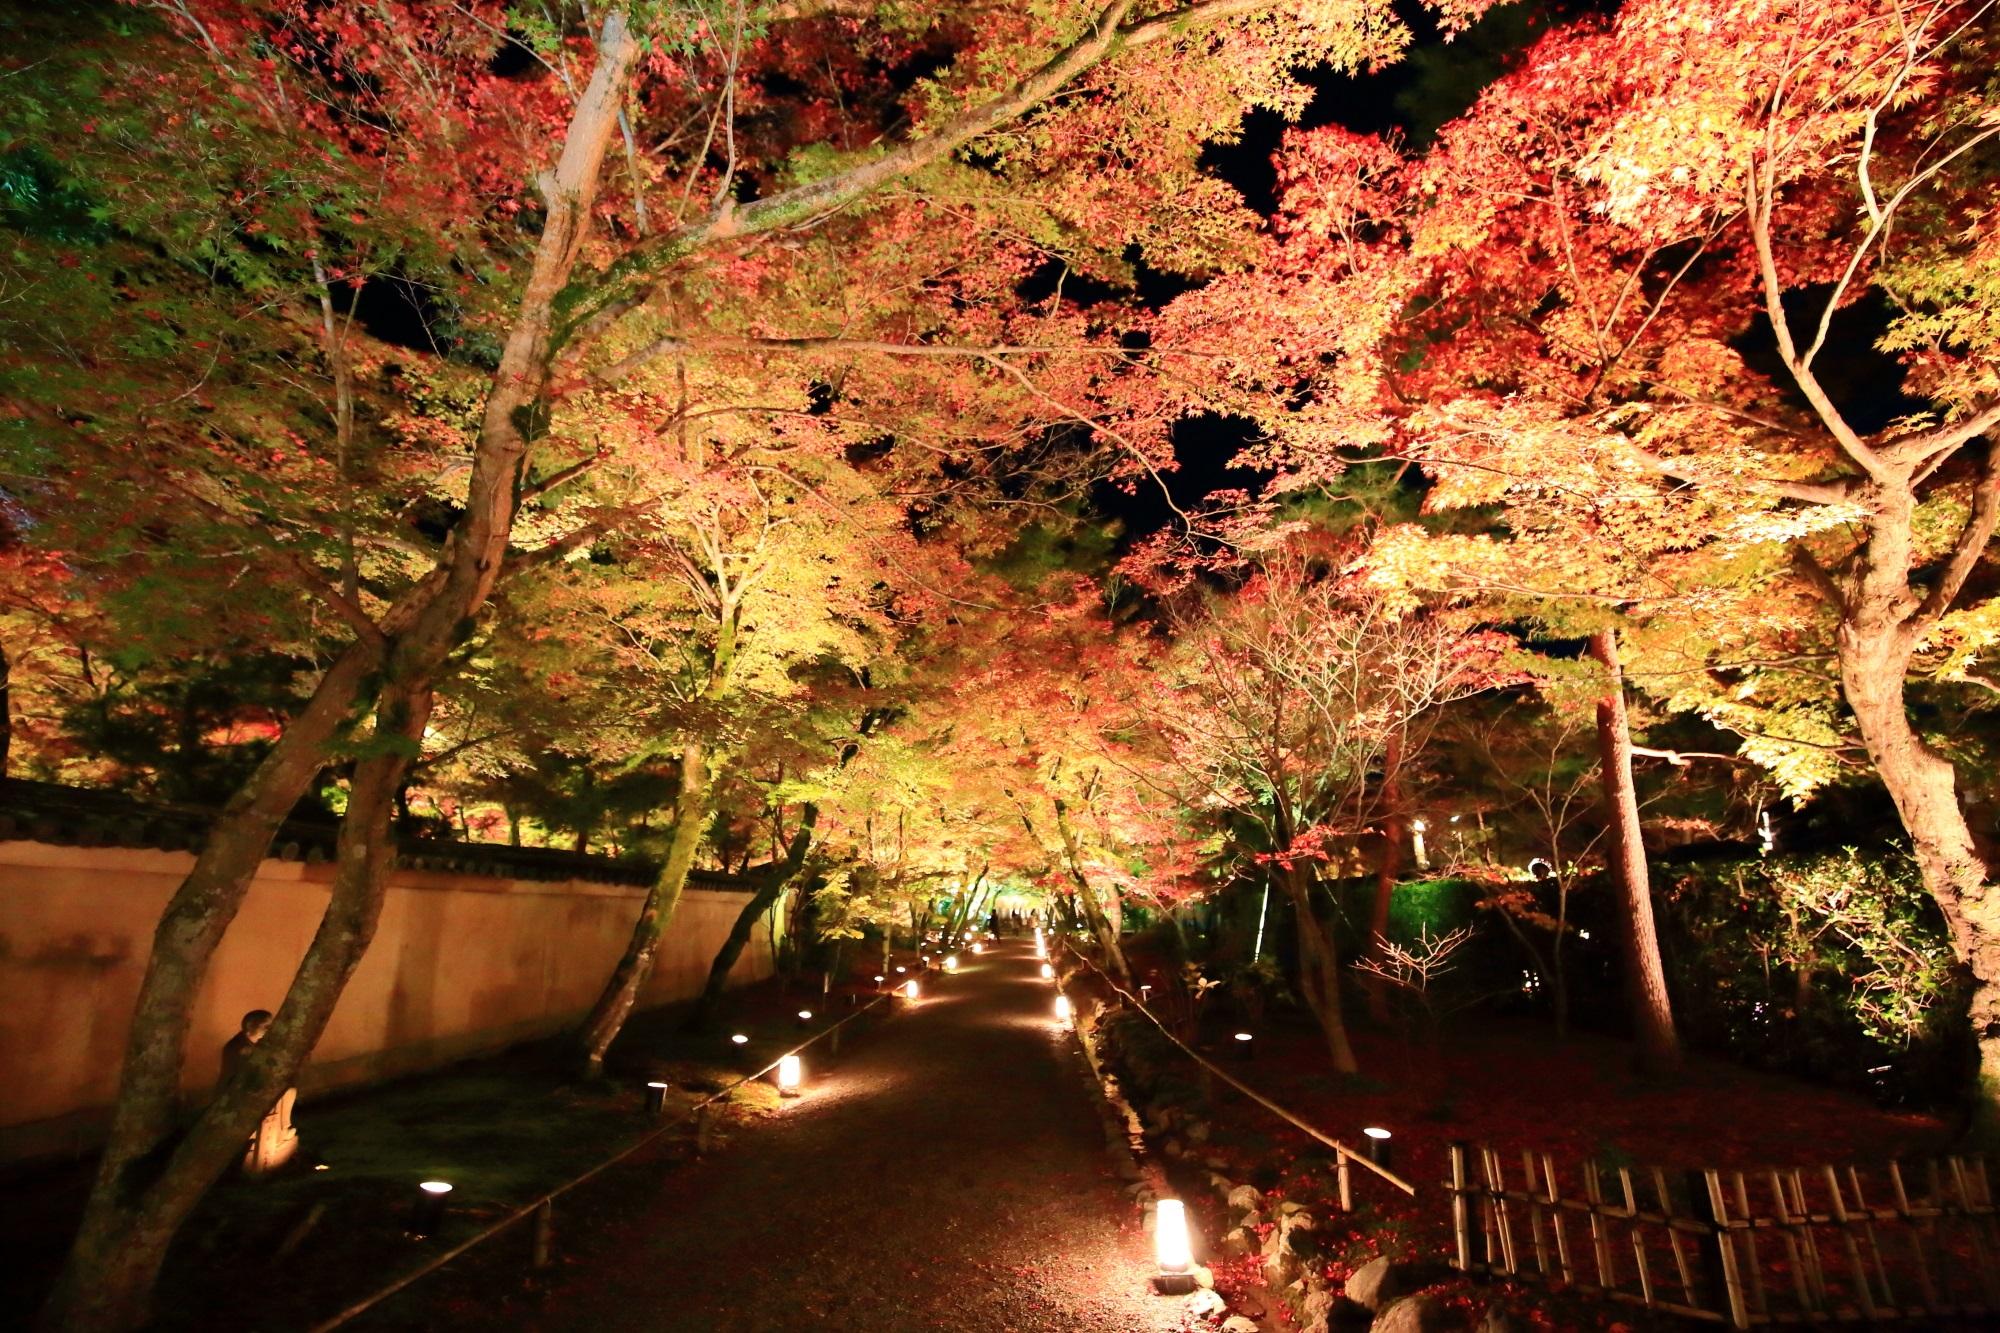 天龍寺塔頭の宝厳院の山門前のもみじのトンネルのライトアップ